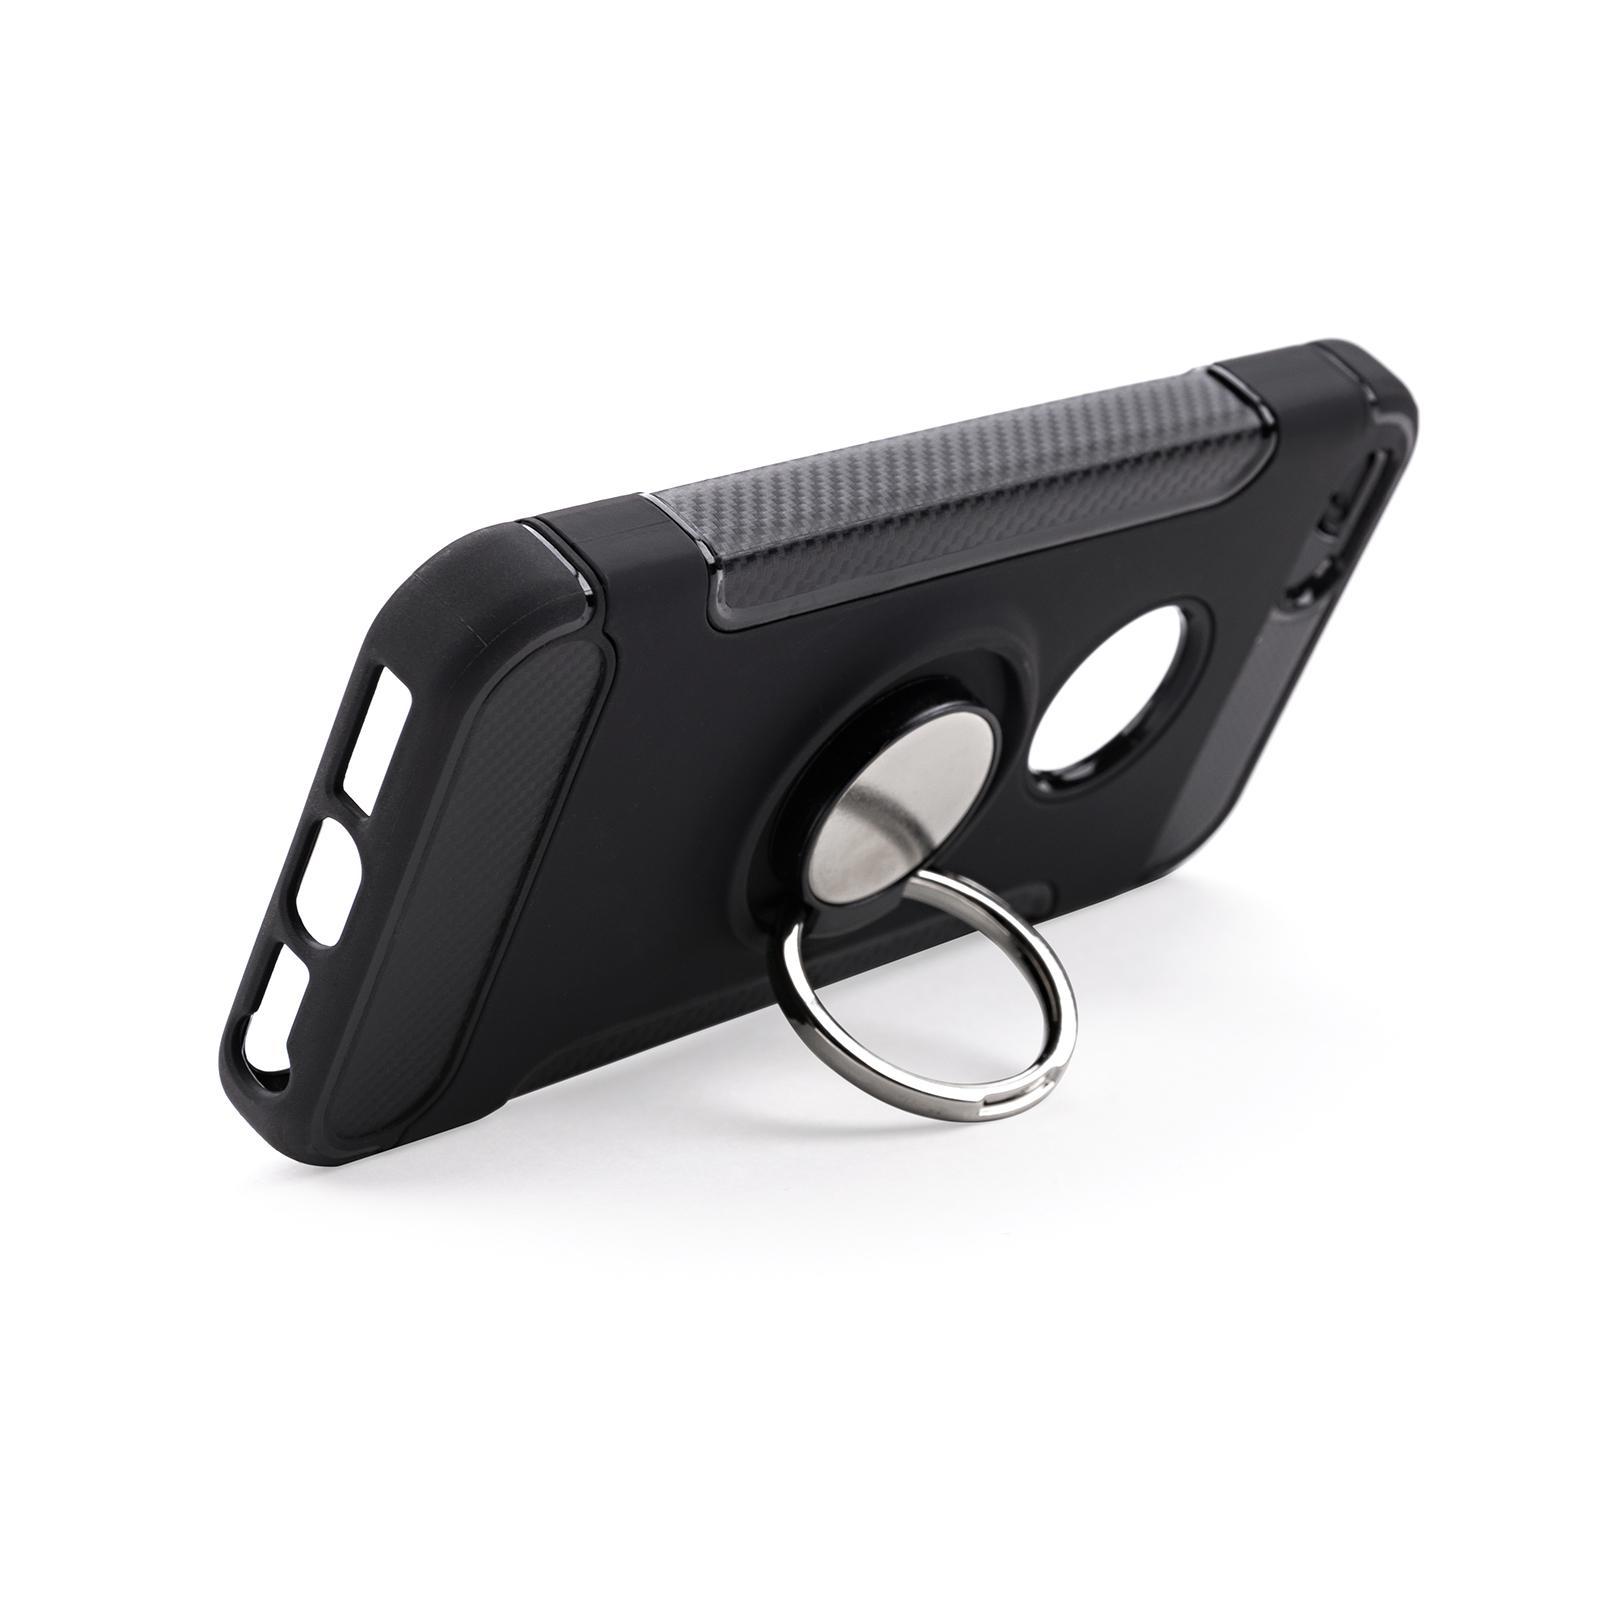 Чехол для моб. телефона Laudtec для iPhone 5/SE Ring stand (black) (LR-PCI5SE) изображение 3